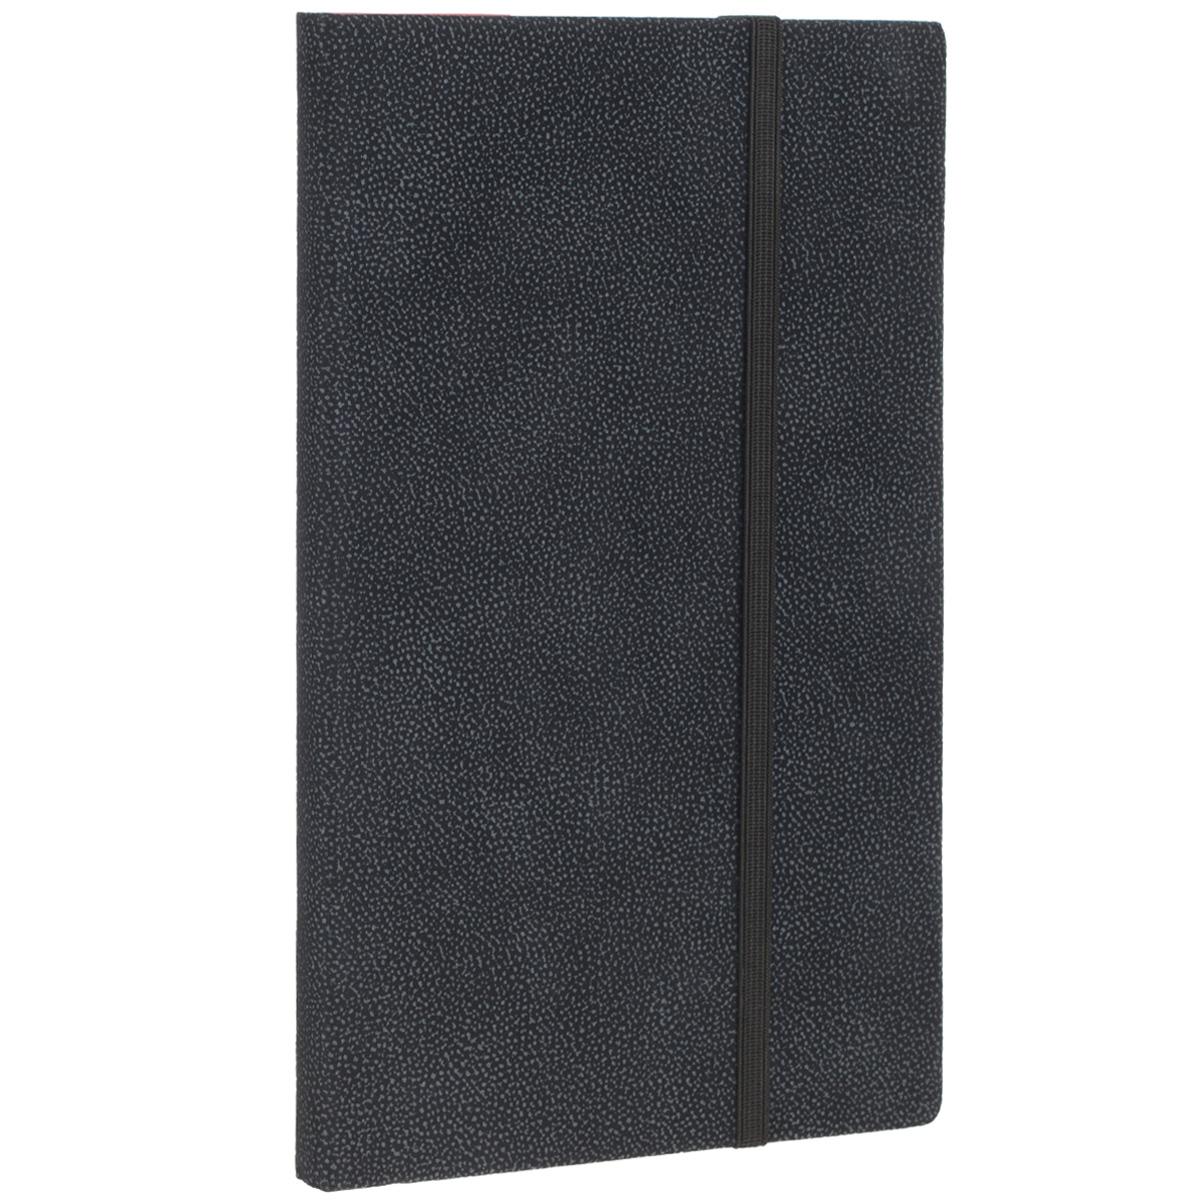 Записная книжка Erich Krause Tann, цвет: черный, 96 листов0703415Записная книжка Erich Krause Tann - это дополнительный штрих к вашему имиджу. Демократичная в своем содержании, книжка может быть использована не только для личных пометок и записей, но и как недатированный ежедневник. Надежная твердая обложка из плотного картона, обтянутого приятным на ощупь текстильным материалом, сохранит ее в аккуратном состоянии на протяжении всего времени использования. Плотная в линейку бумага белого цвета, закладка-ляссе, практичные скругленные углы, эластичная петелька для ручки и внутренний бумажный карман на задней обложке - все это обеспечит вам истинное удовольствие от письма. В начале книжки имеется страничка для заполнения личных данных владельца, четыре страницы для заполнения адресов, телефонов и интернет-почты и четыре страницы для заполнения сайтов и ссылок. Благодаря небольшому формату книжку легко взять с собой. Записная книжка плотно закрывается при помощи фиксирующей резинки.